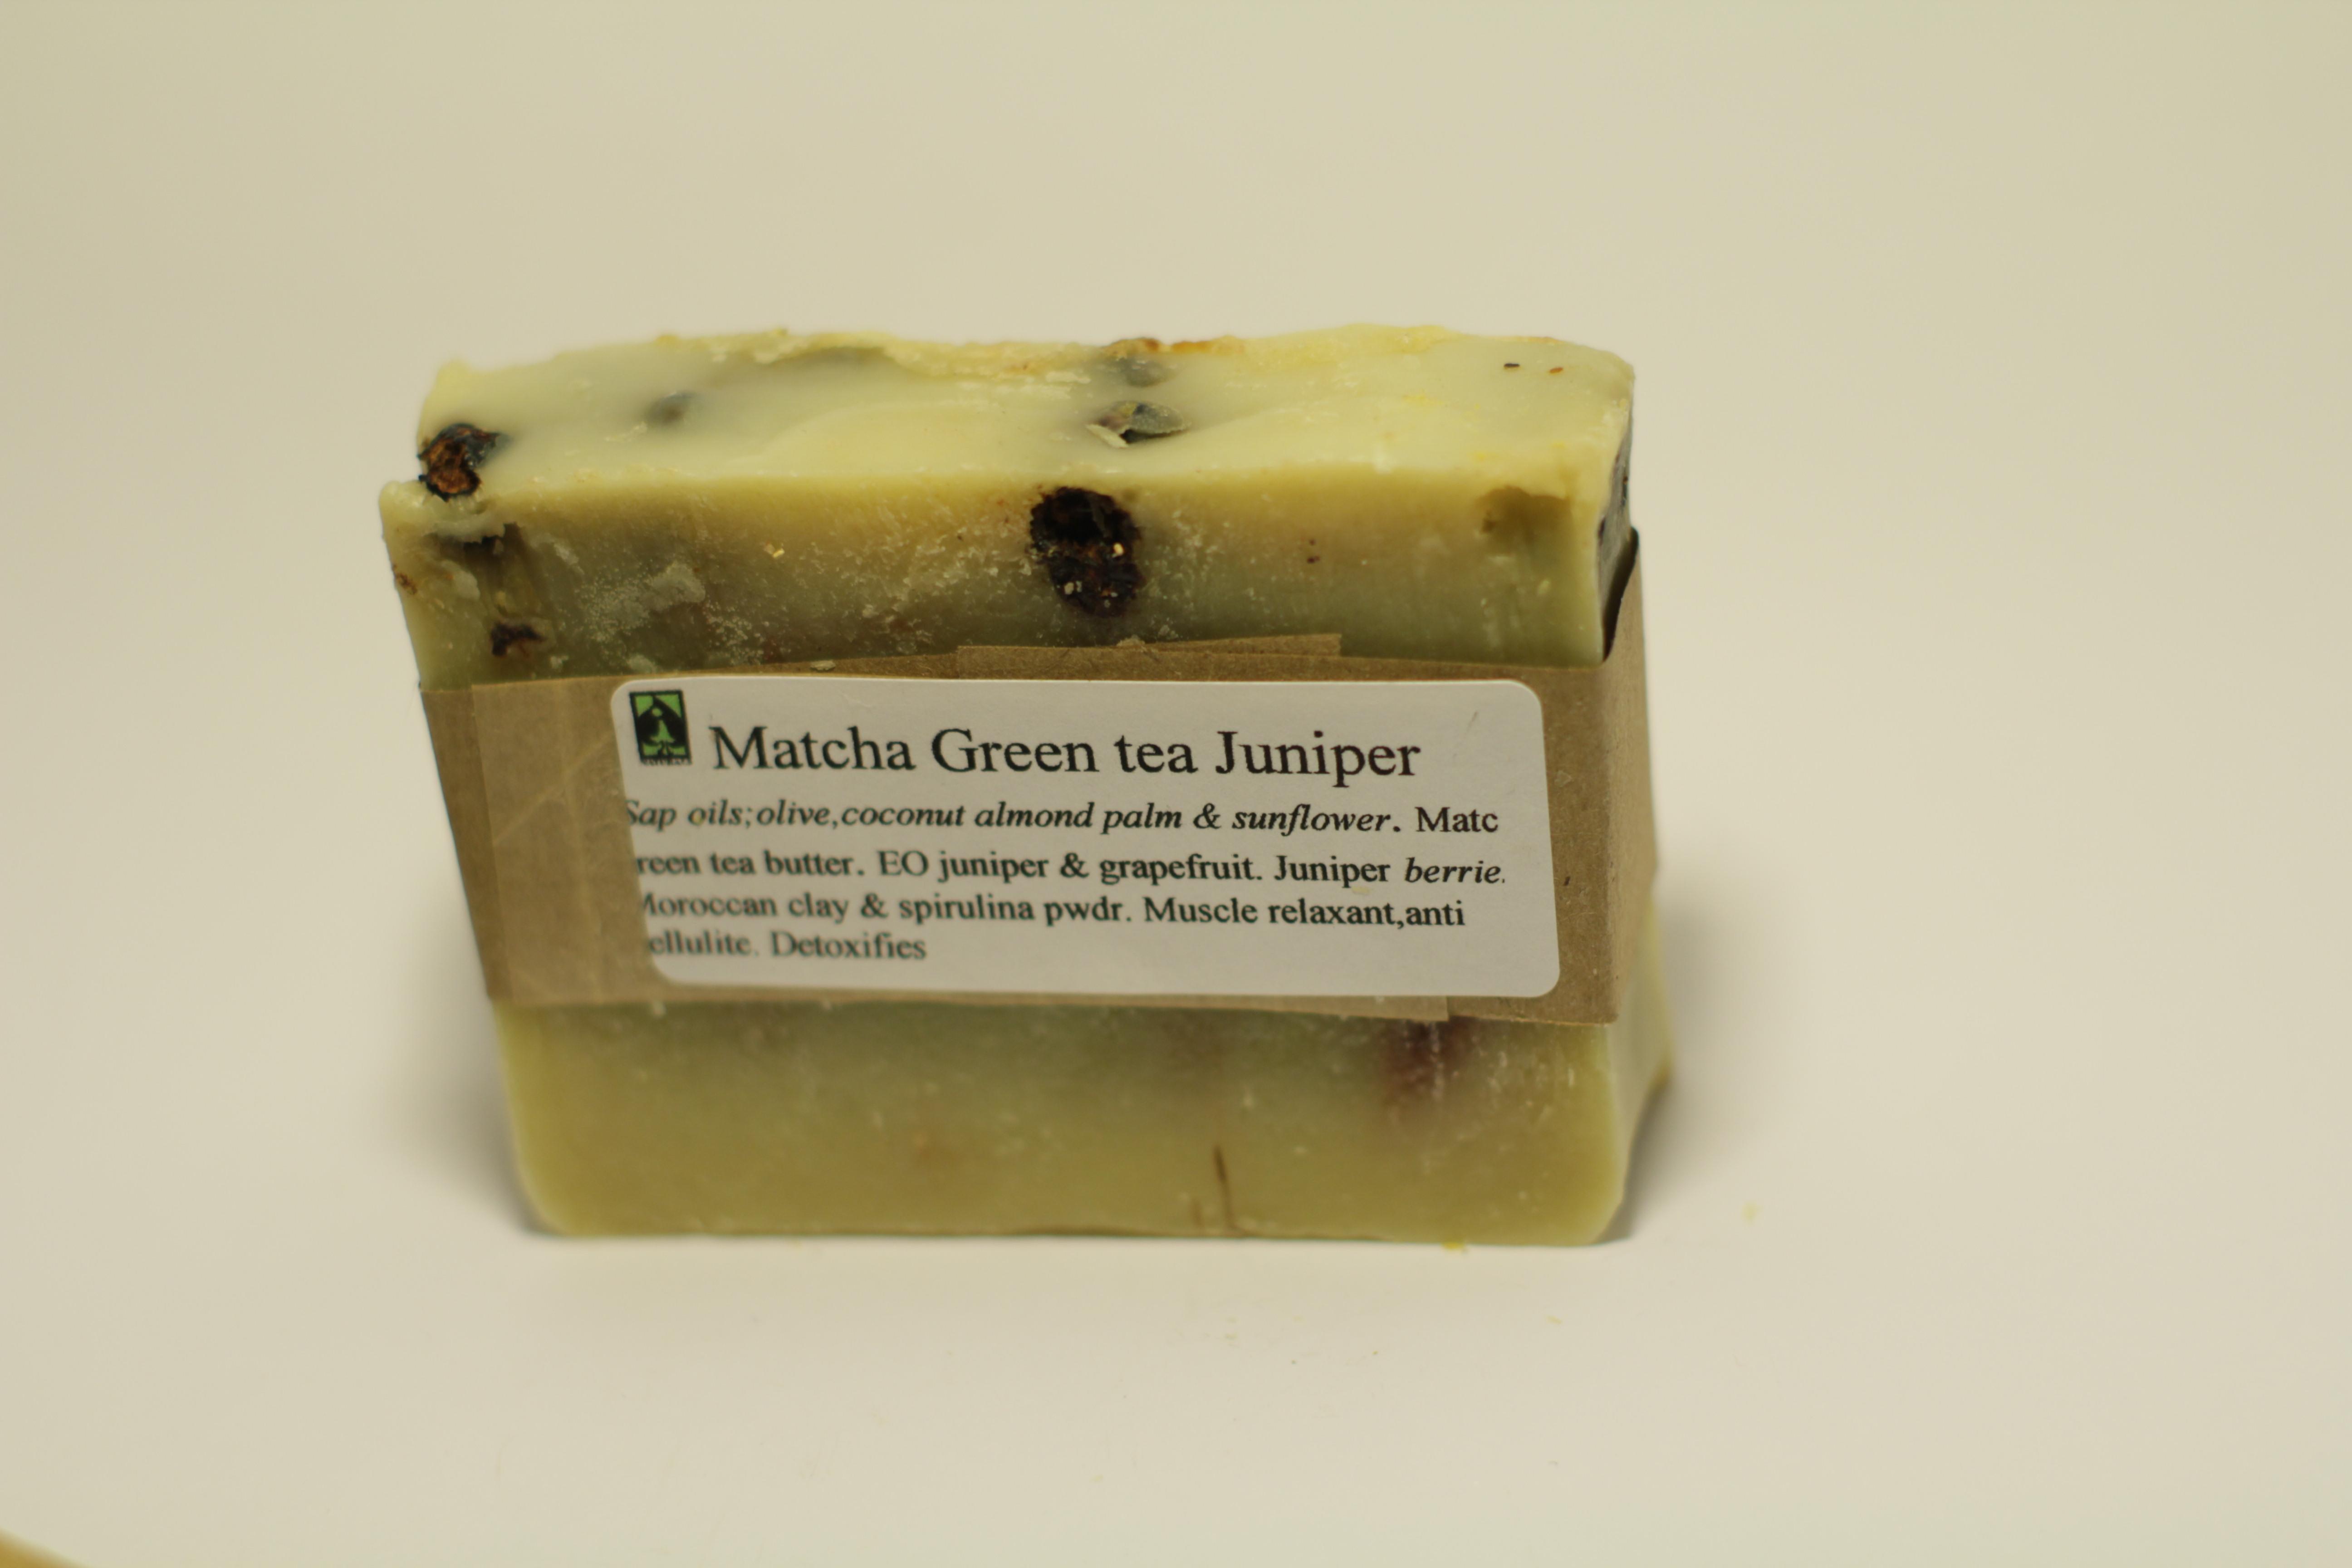 Matcha Green tea Juniper